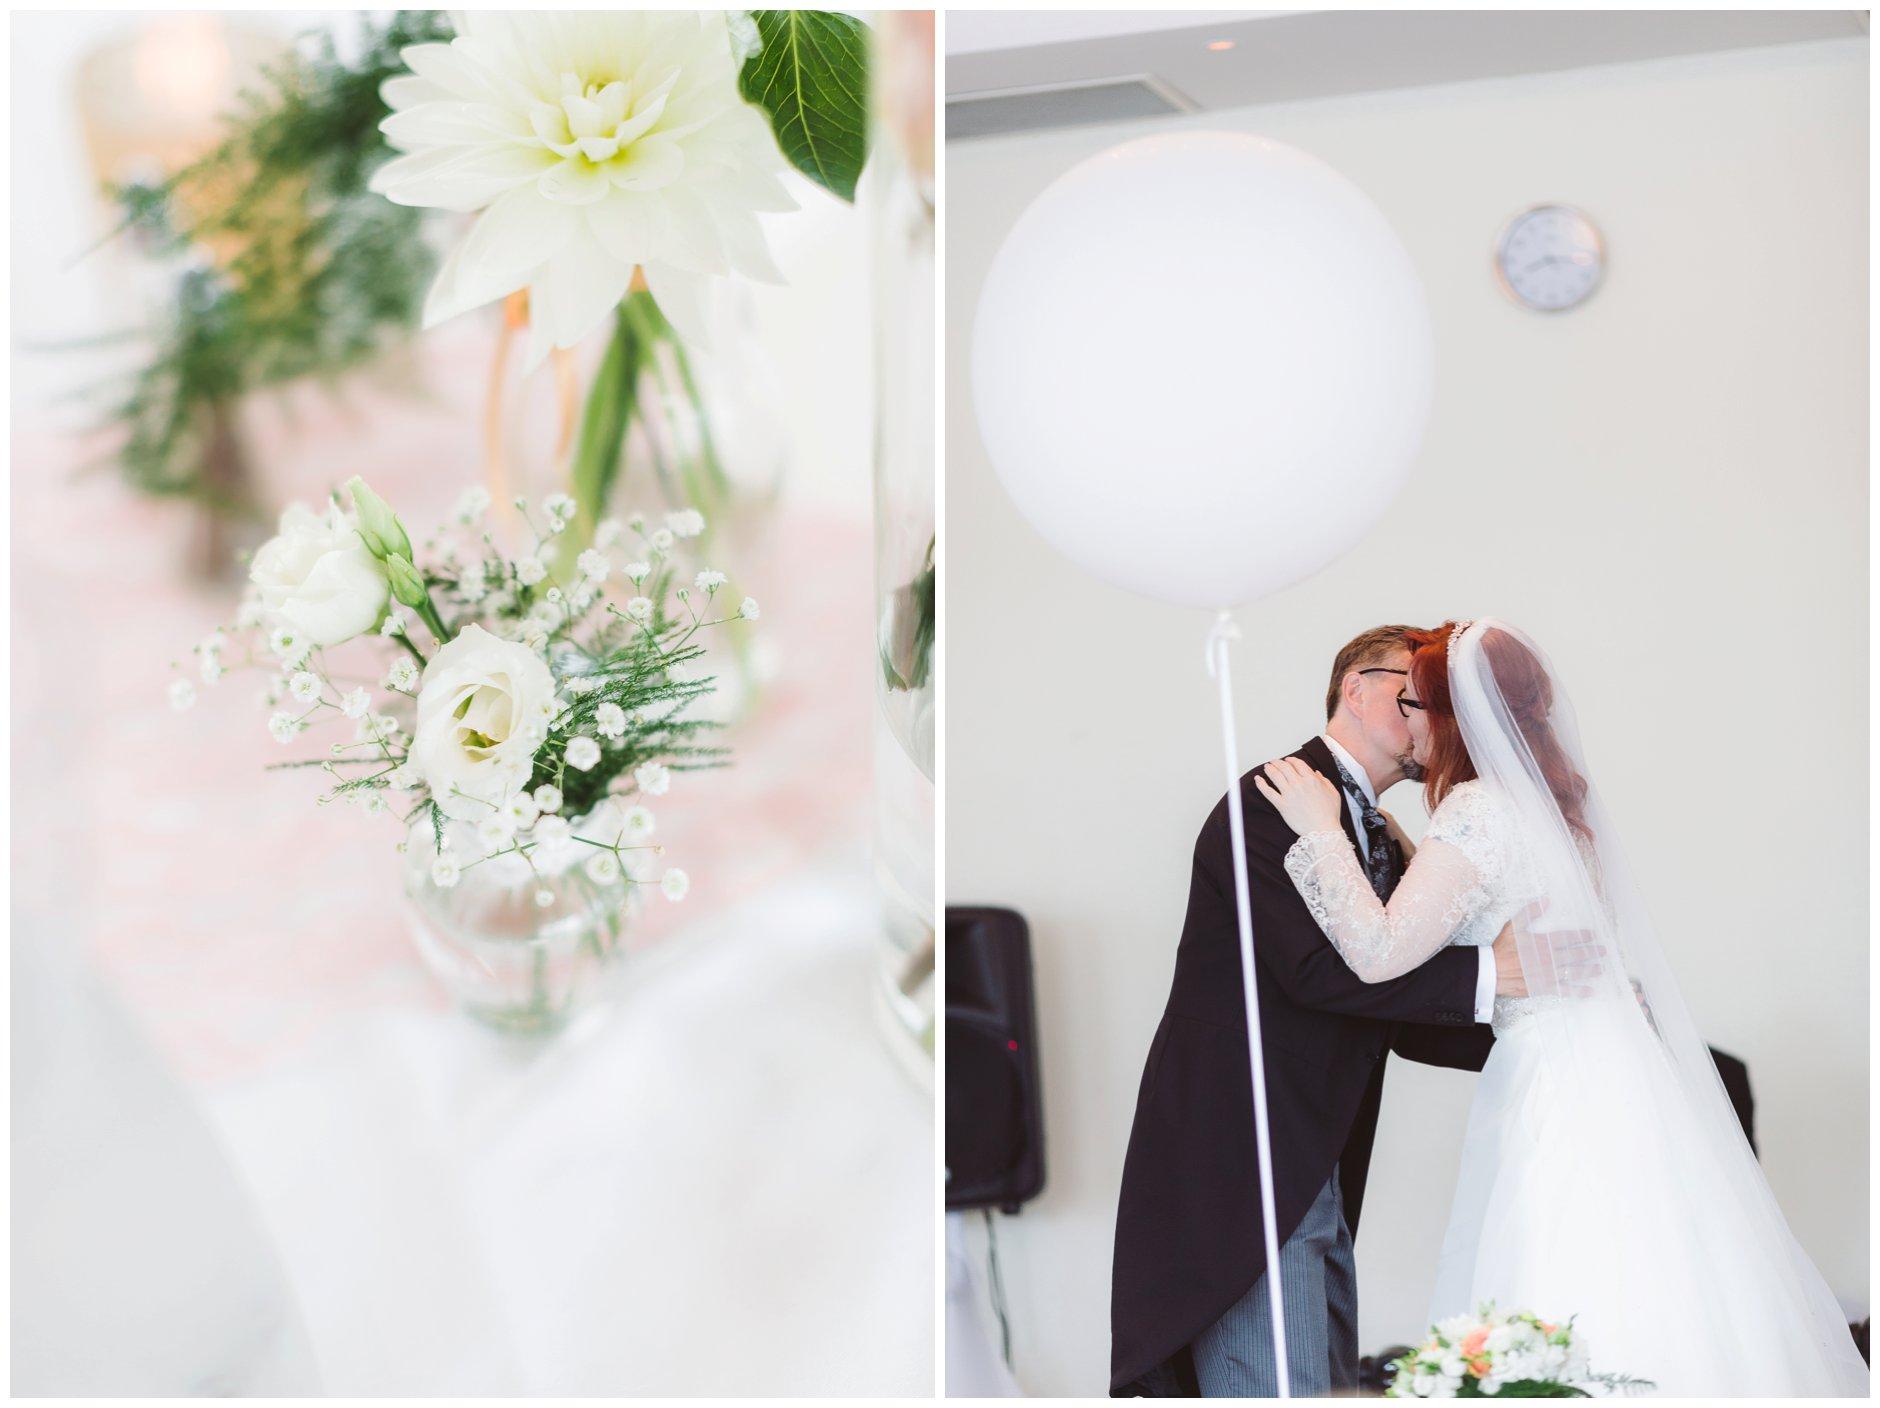 Fotograf-Eline-Jacobine-Bryllup-Tjøme-Scandic-Havna-Trine-og-Halvor_0142